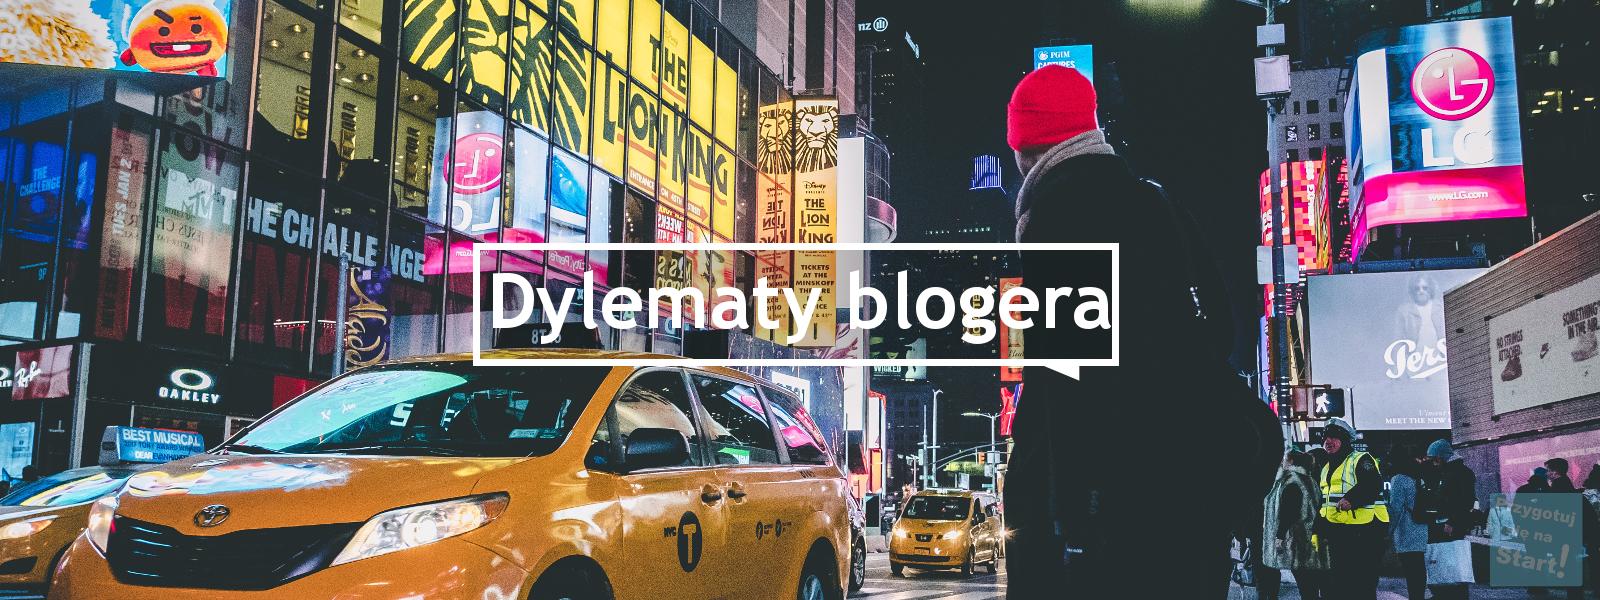 Na czym polega praca blogera? Jak reagować na uwagi i krytykę w sieci? Czy blogowanie przynosi korzyści? Dlaczego zacząłem pisać blogi!